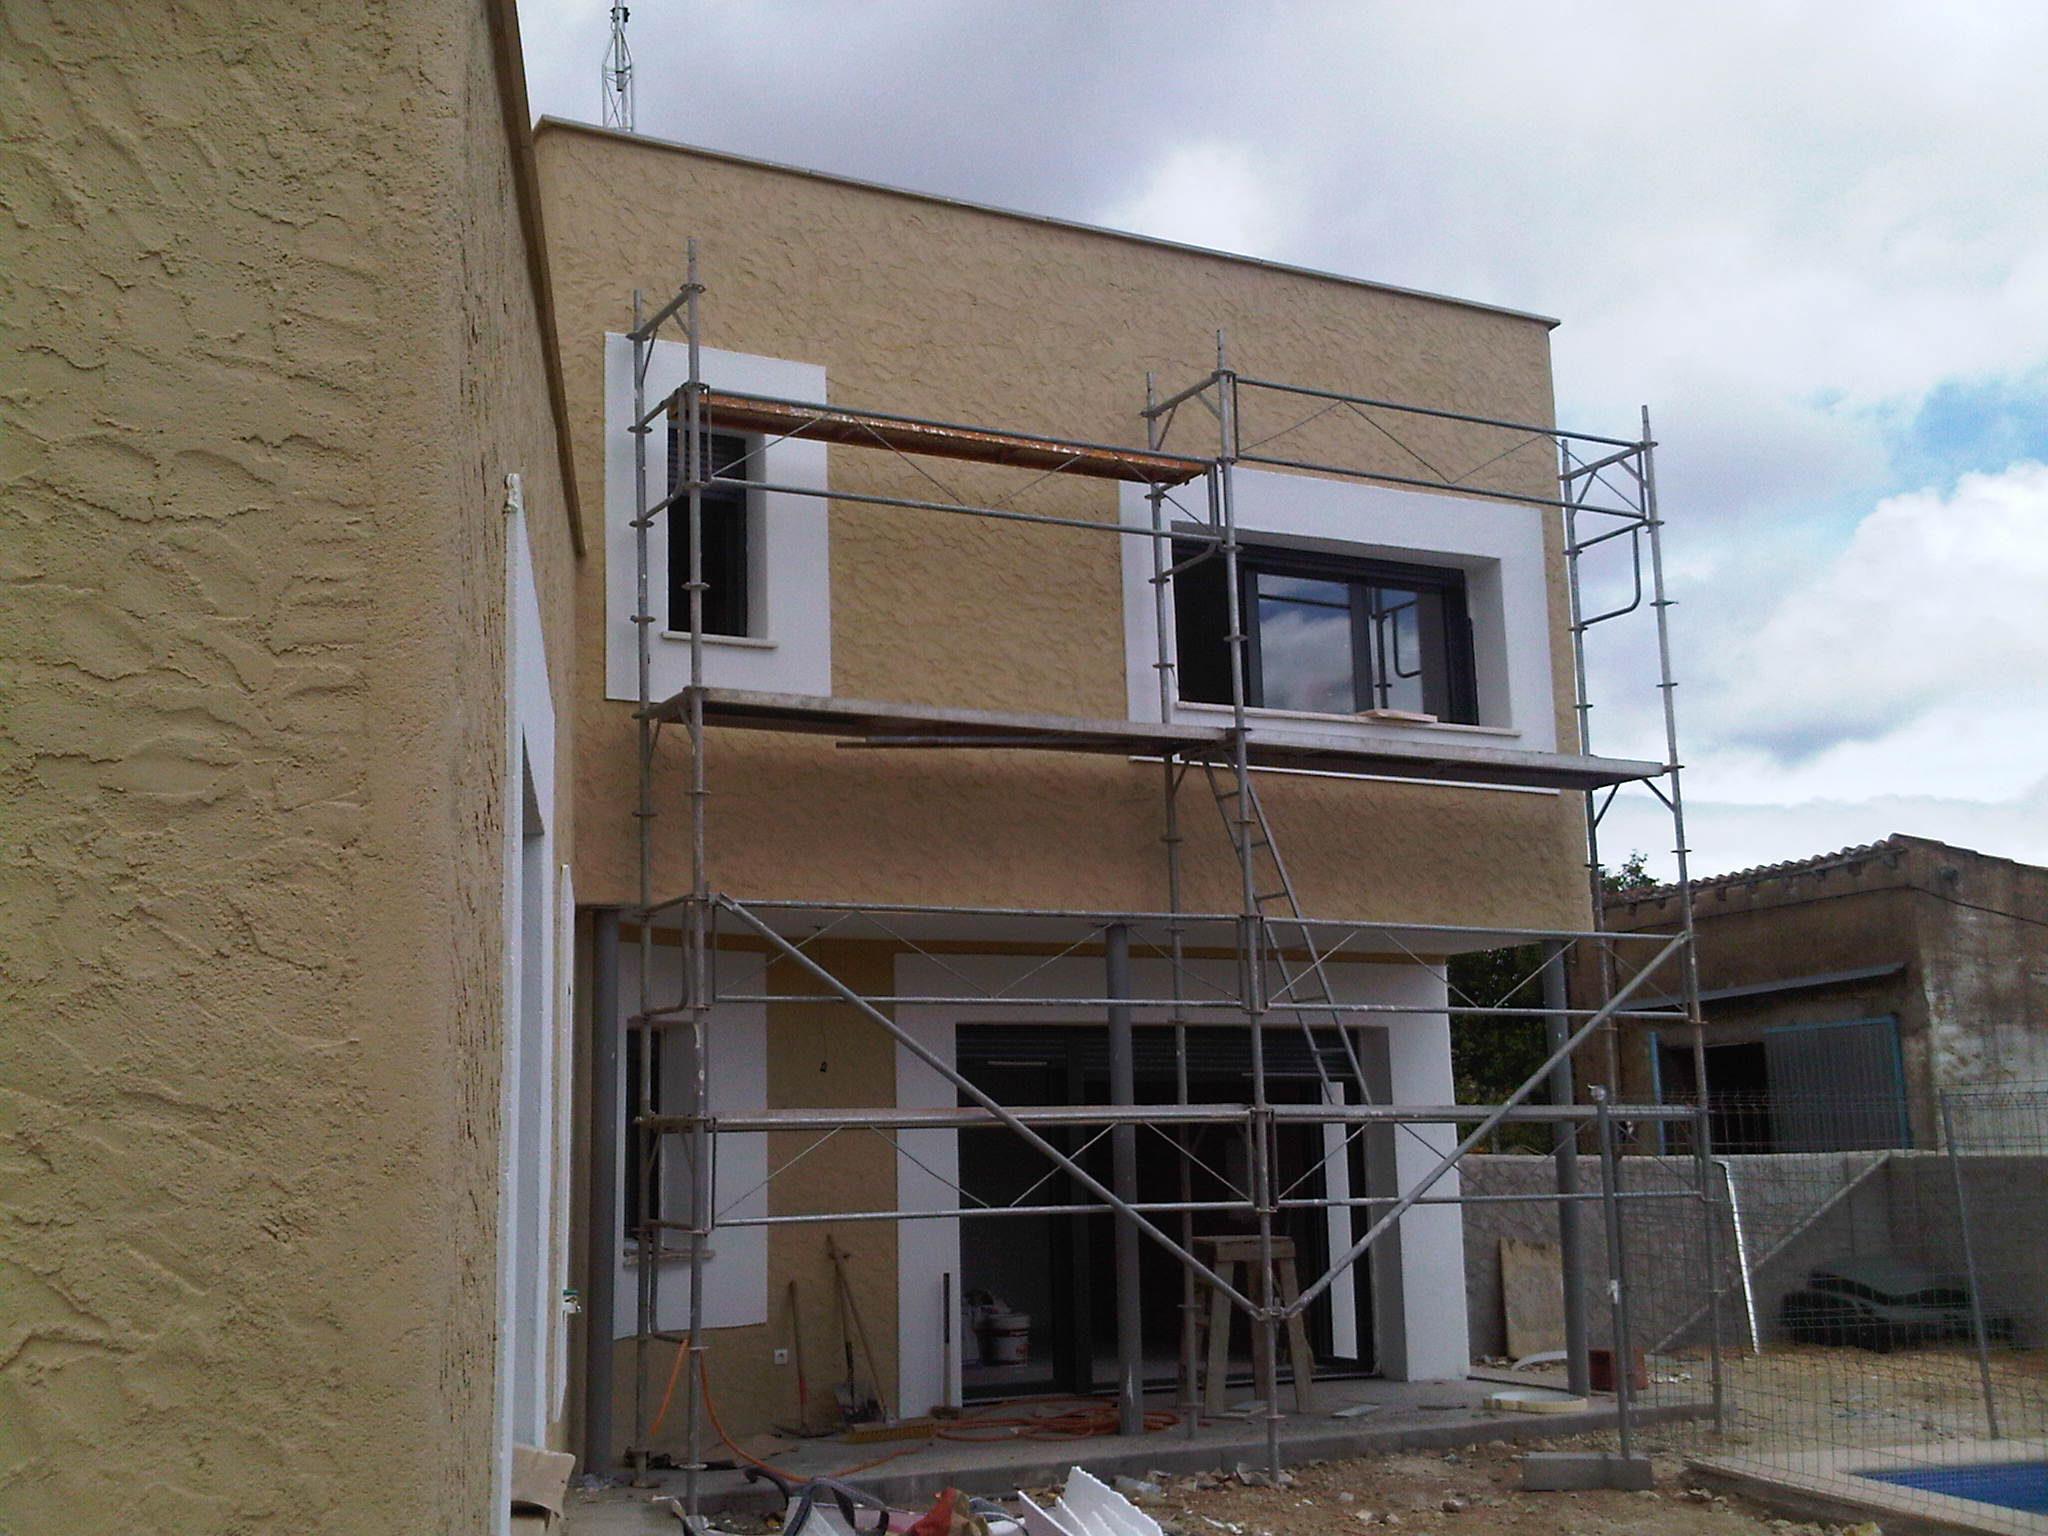 Construcci n vivienda unifamiliar cpa - Presupuesto construccion vivienda unifamiliar ...